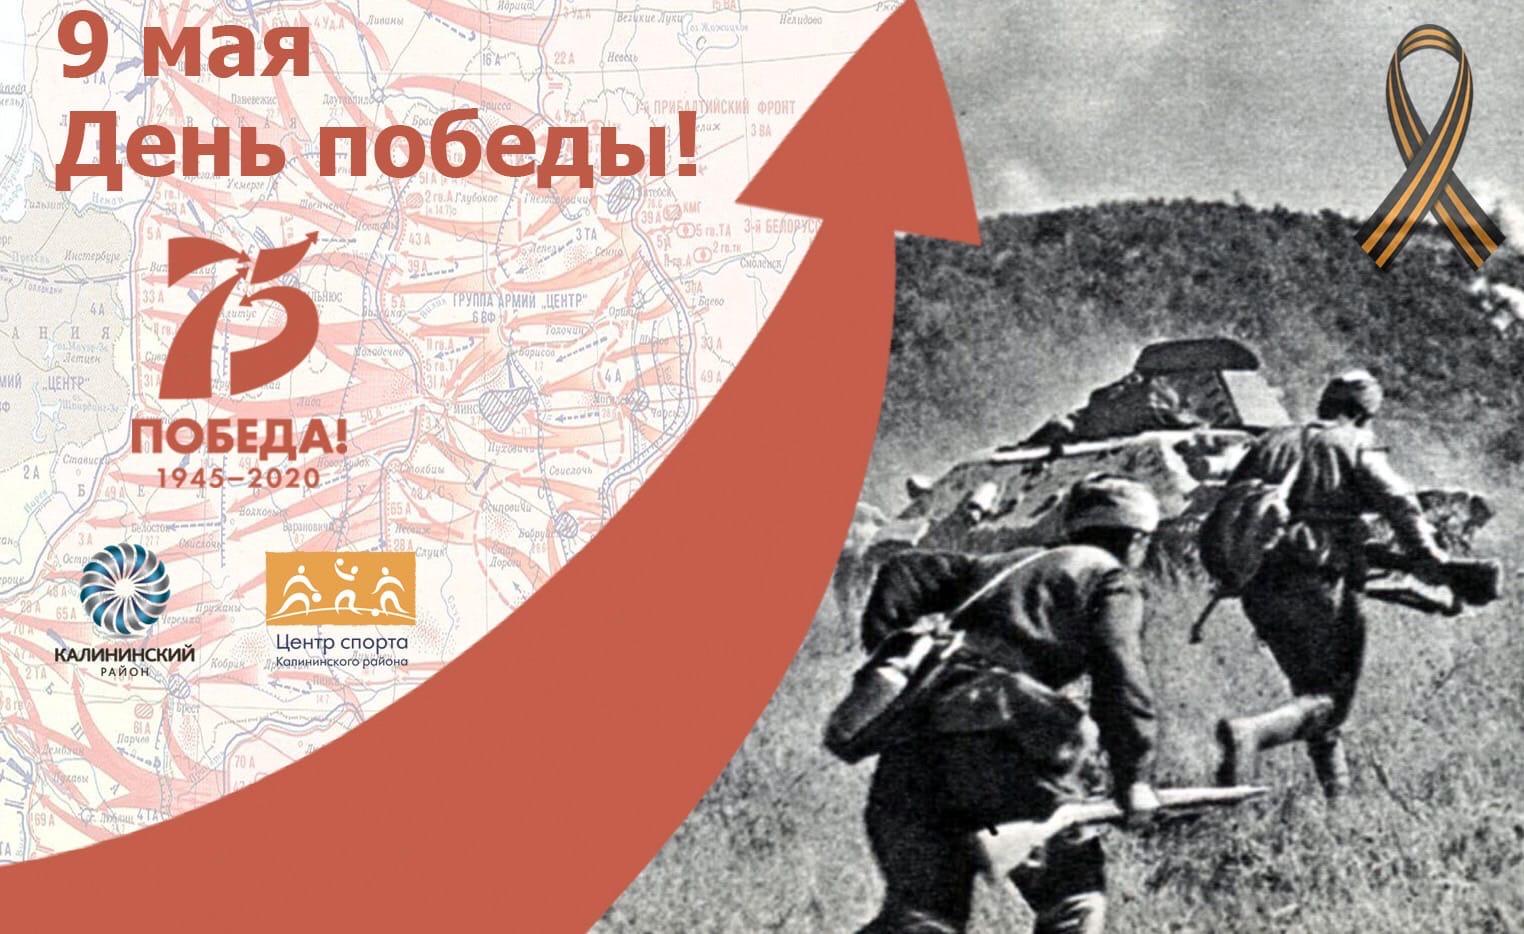 Поздравляем всех с праздником Великой Победы! Поём вместе о великой победе!